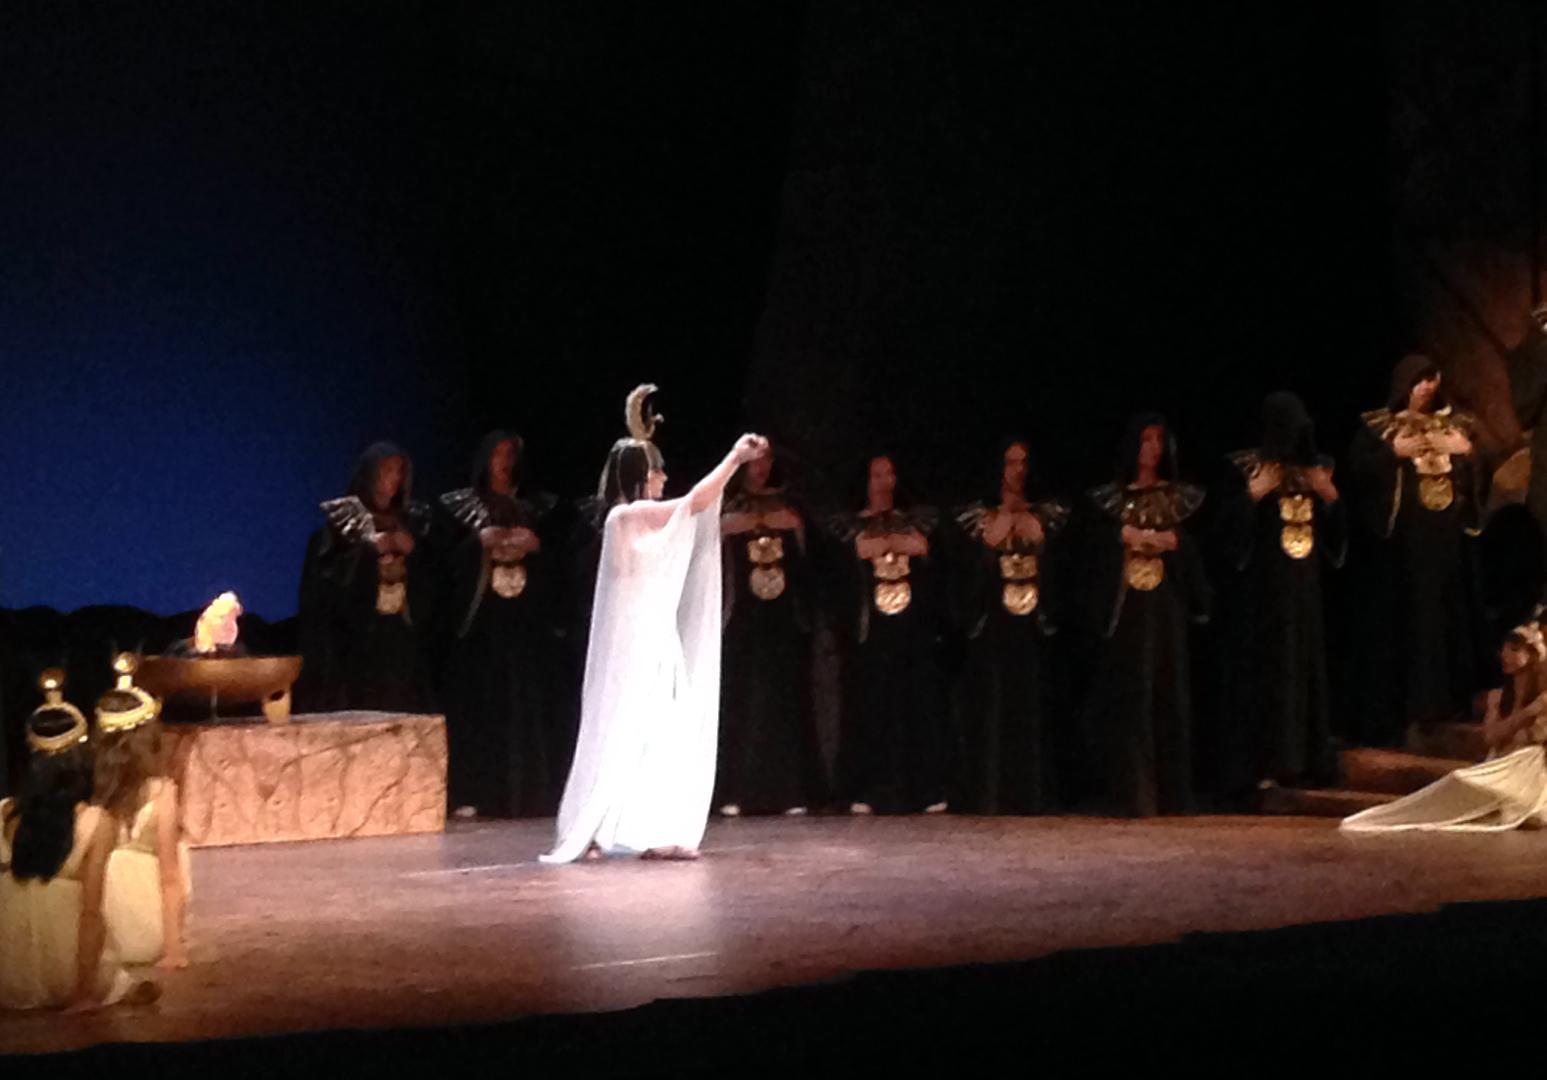 Sacerdotessa in Aida on Japan Tour